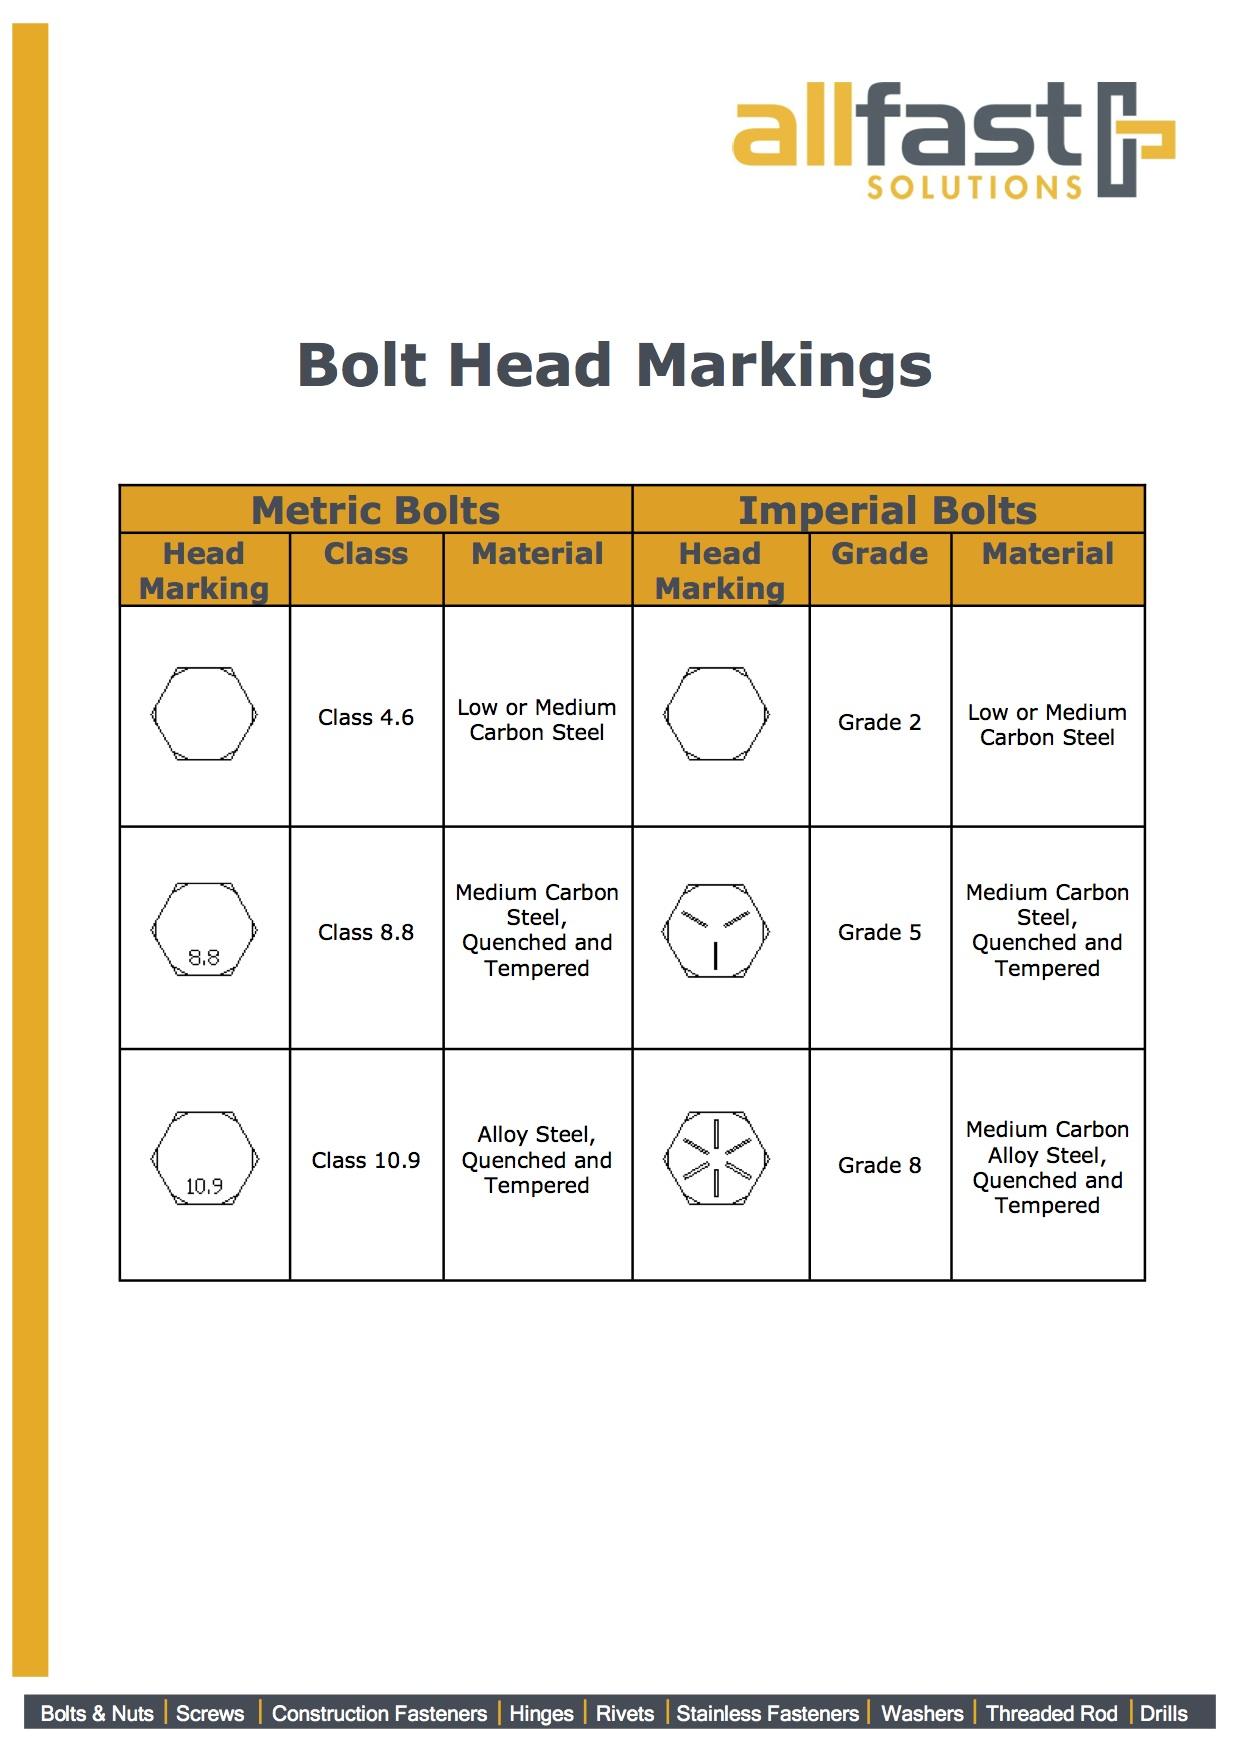 Bolt Head Markings